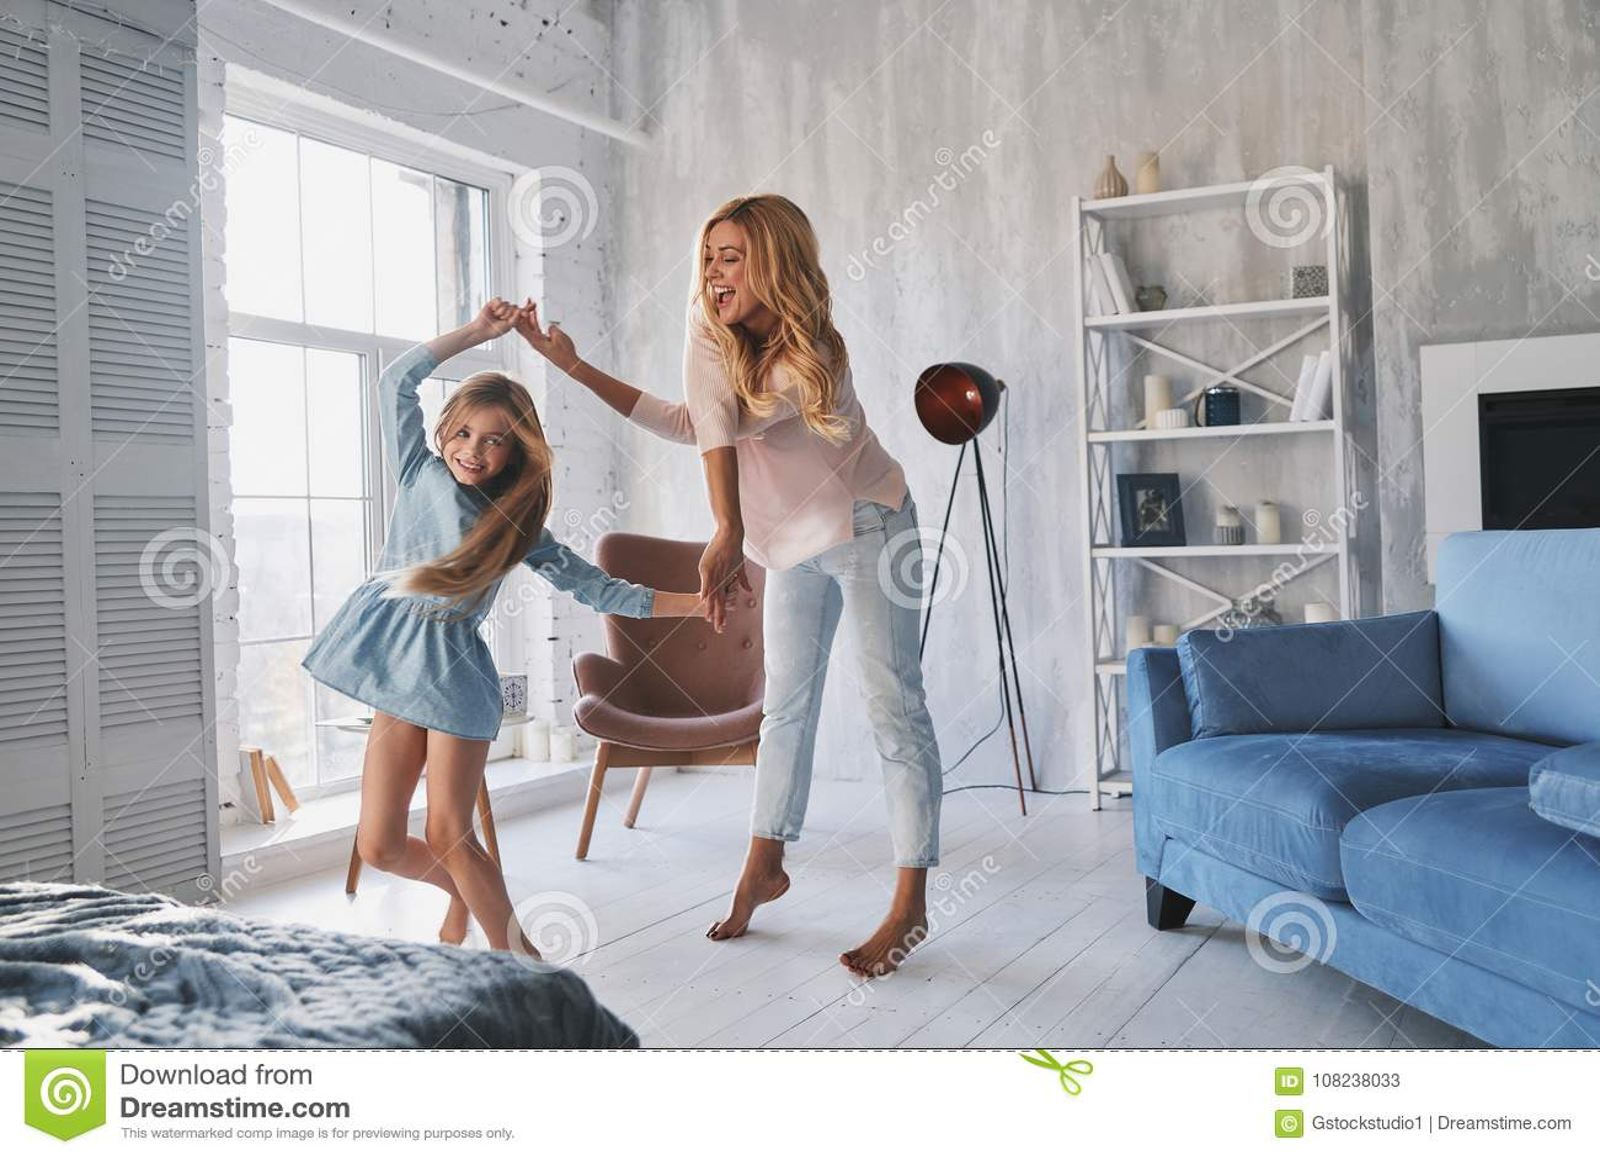 非常乐趣!握手的全长母亲和女儿